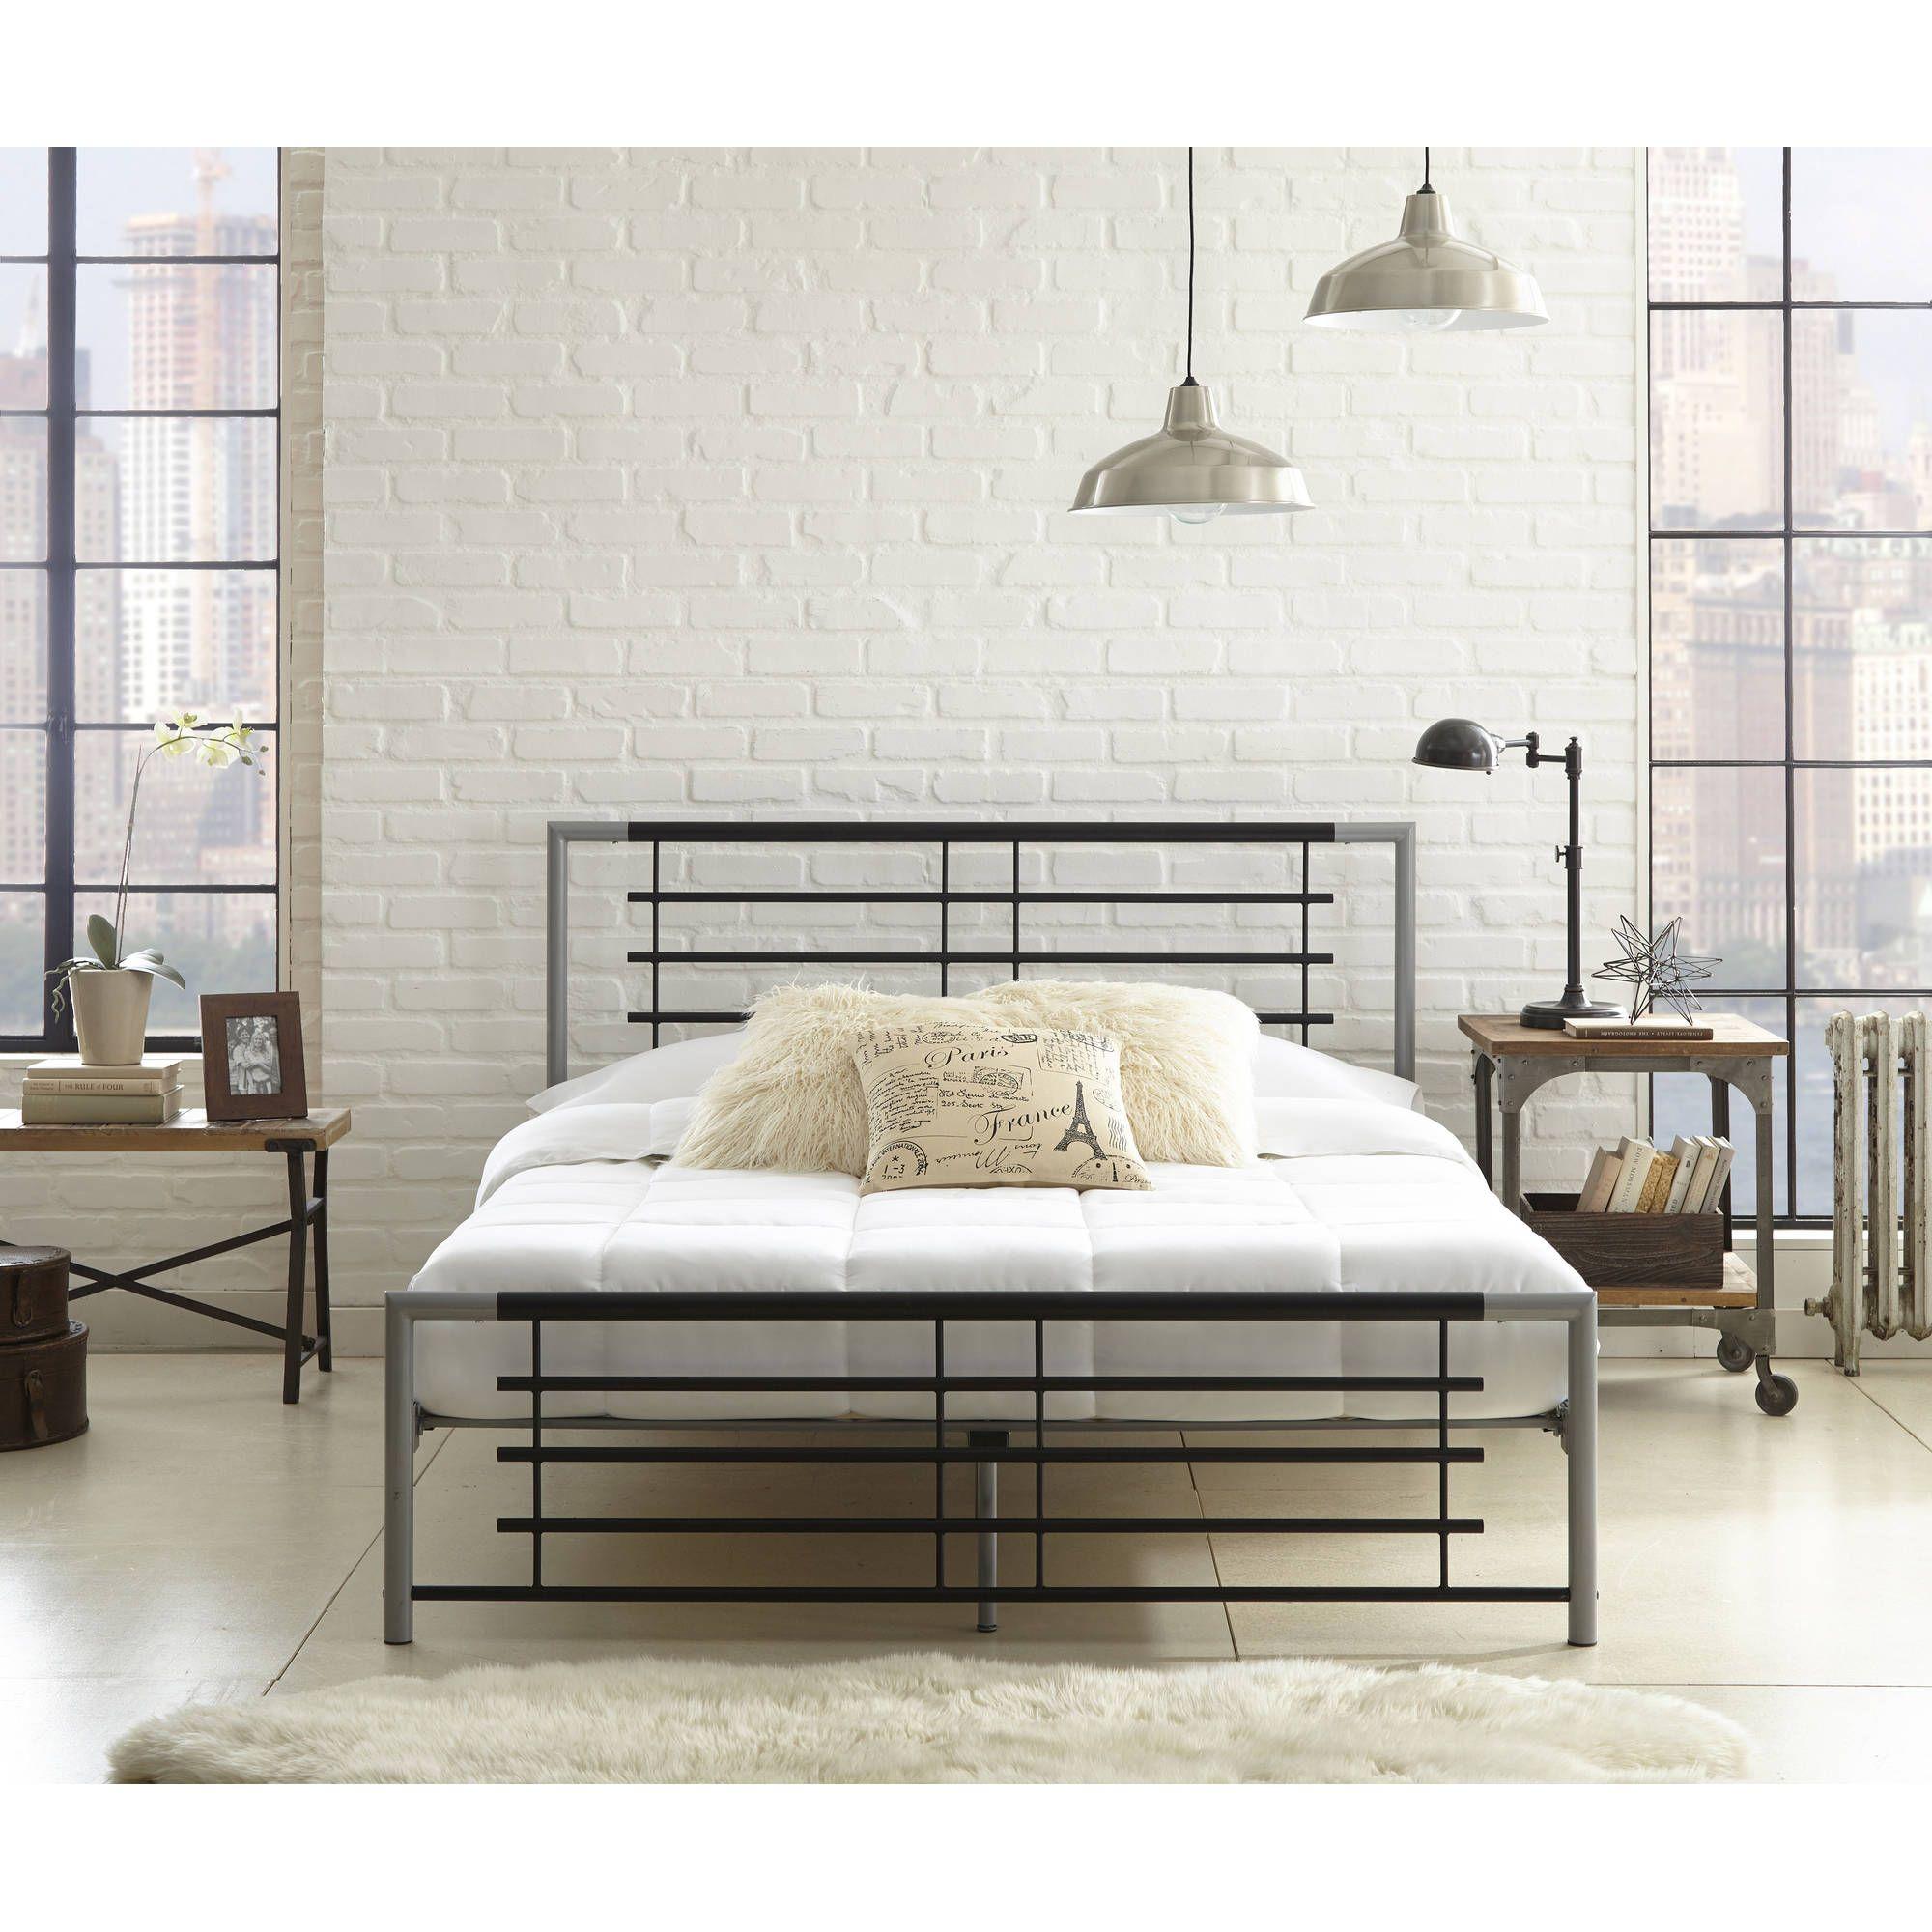 Home Metal platform bed, Platform bed, Queen platform bed